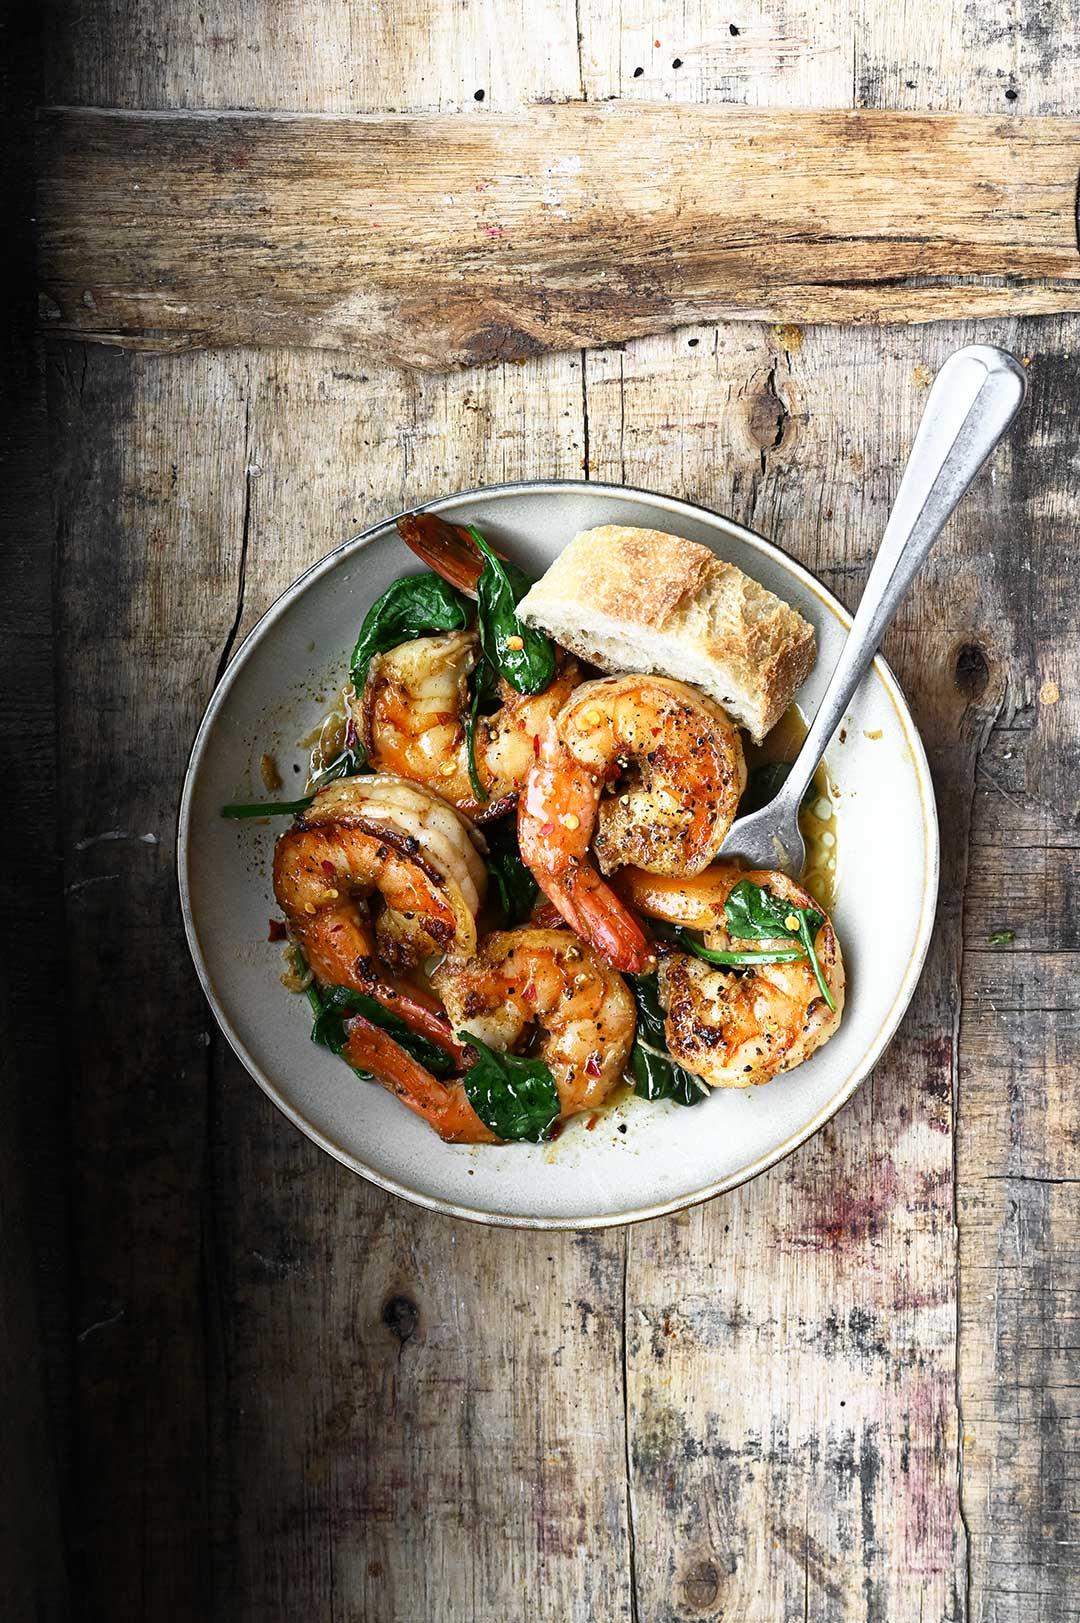 serving dumplings | Garlic Butter Sautéed Shrimp